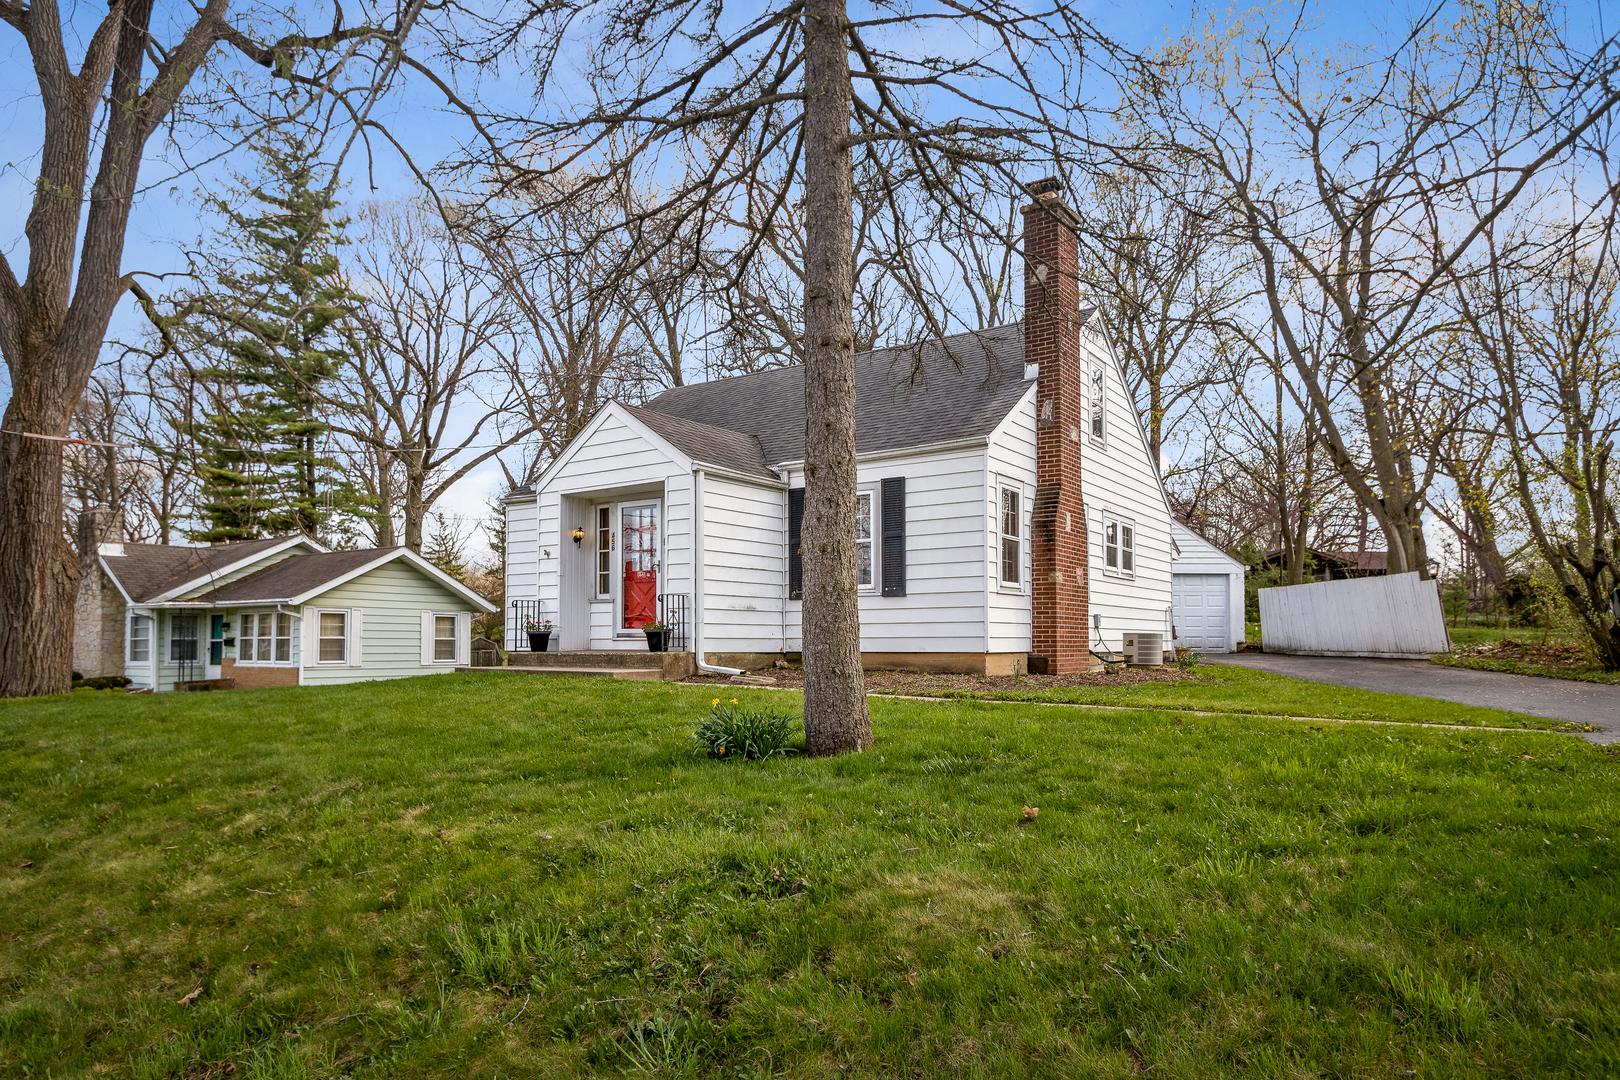 456 Fremont St, Woodstock IL 60098